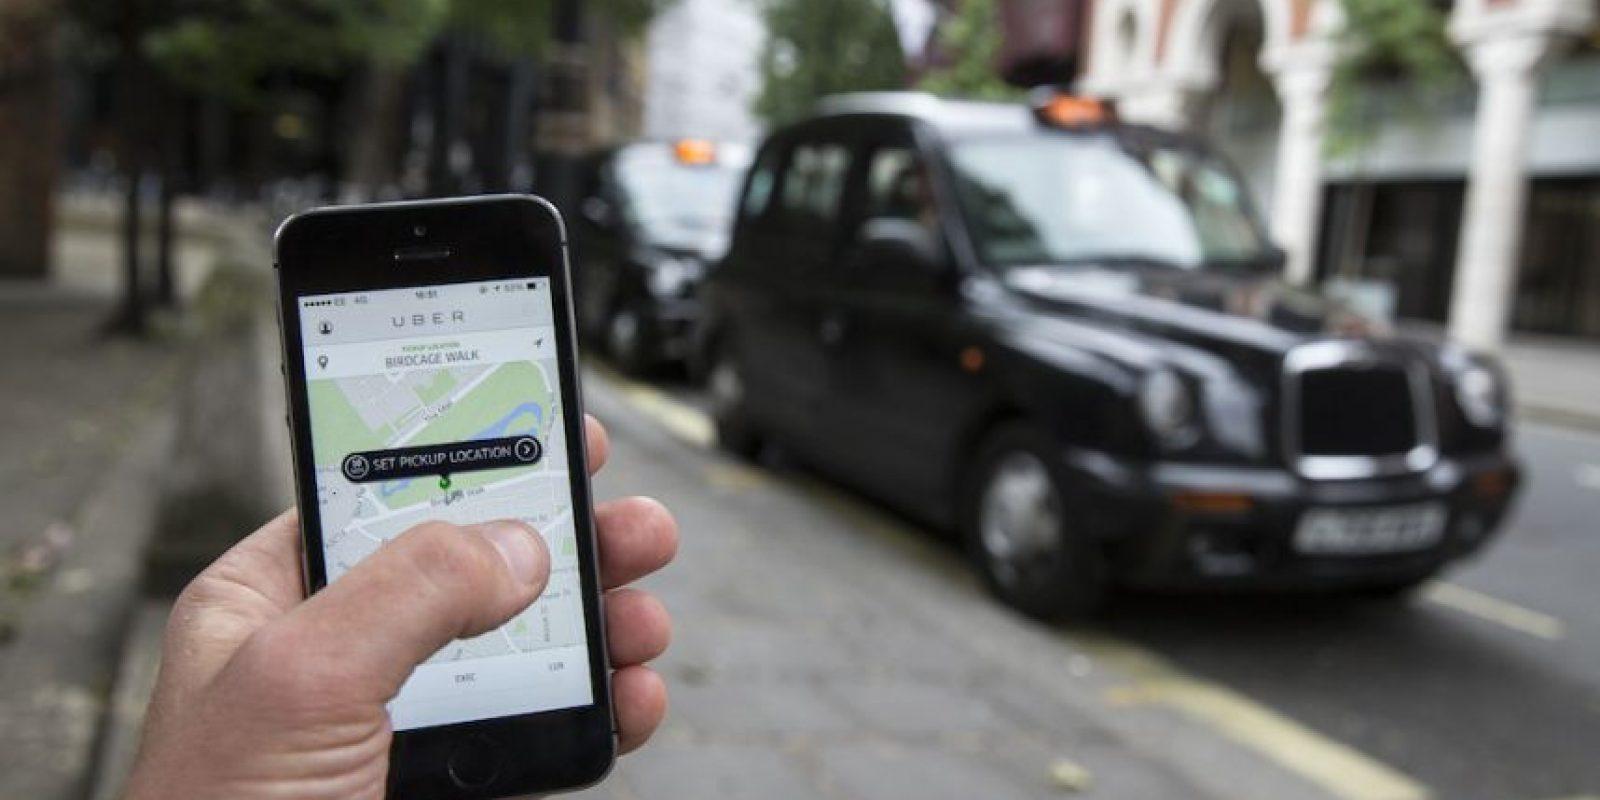 la tecnología de Uber les permite contactar al socio-conductor sin proporcionar información personal y viceversa. Foto:Getty Images